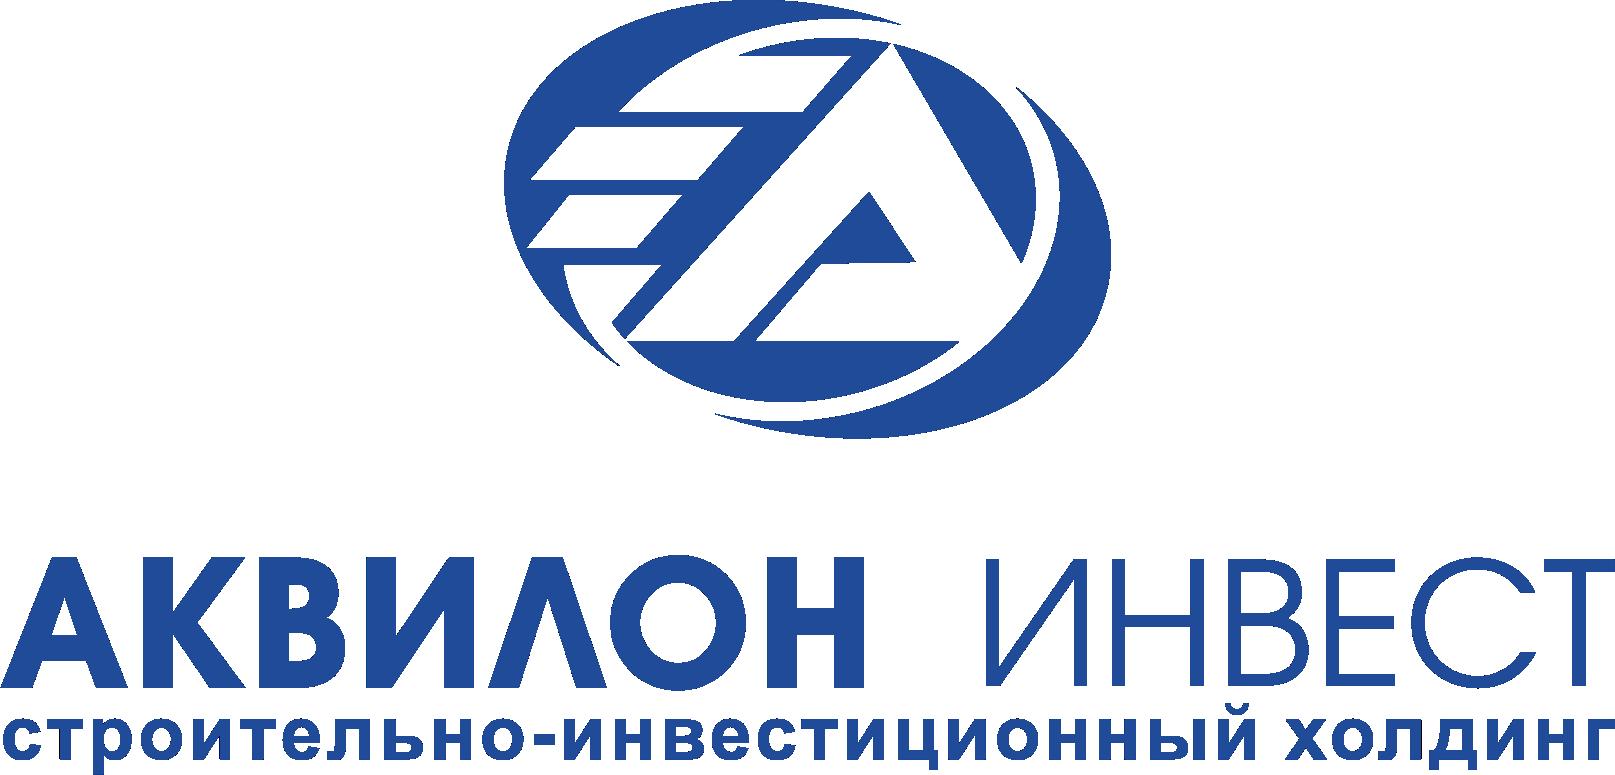 Официальный сайт компании спб сайт северная топливная компания